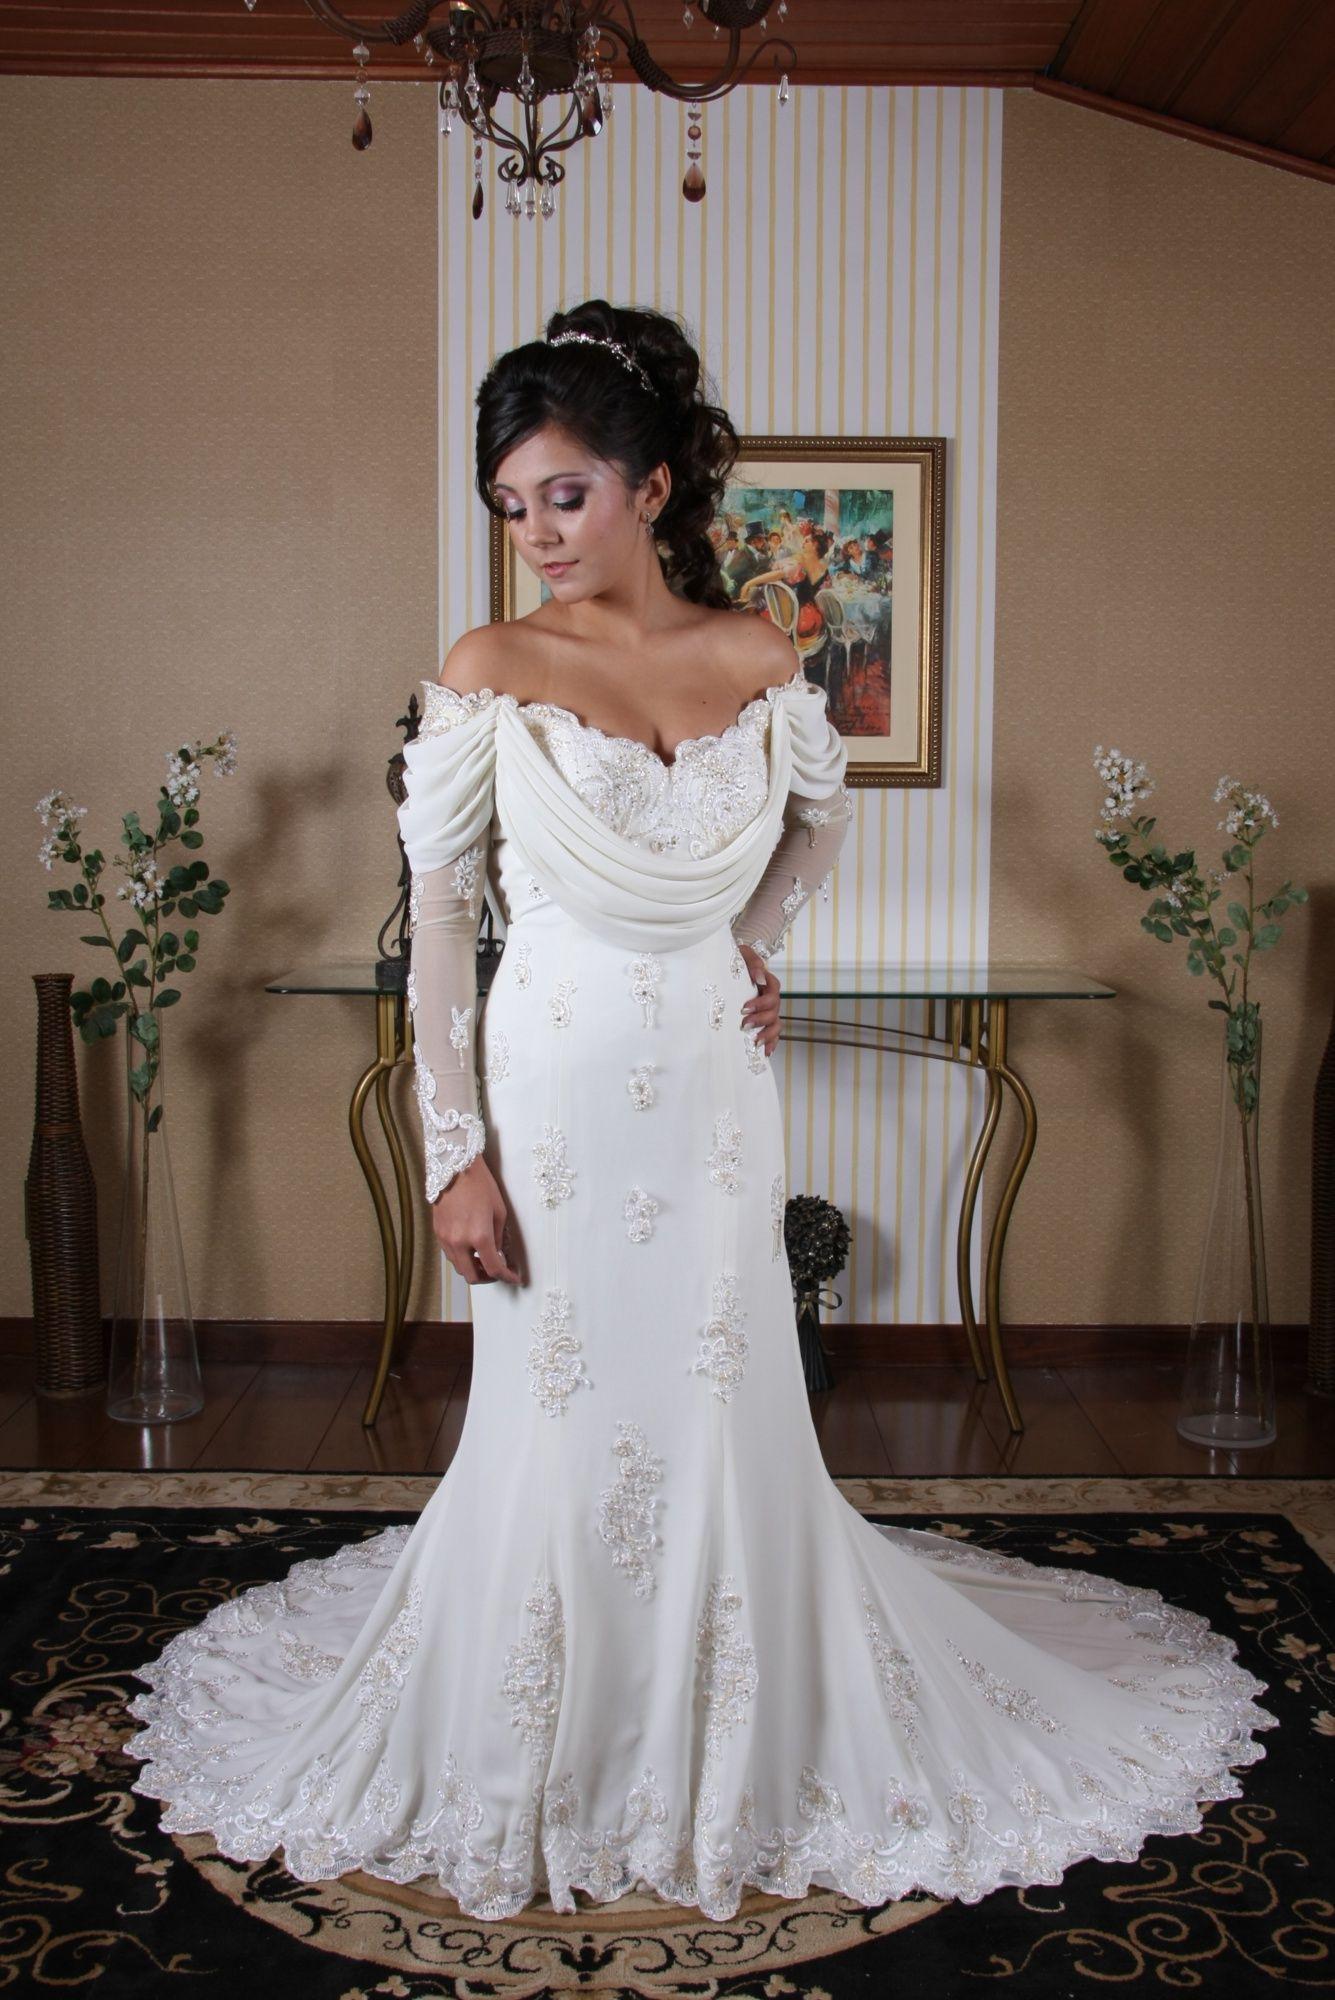 Vestido de Noiva Princesa - 4 - Hipnose Alta Costura e Spa para Noivas e Noivos - Campinas - SP Vestido de Noiva, Vestido de Noiva Princesa, Hipnose Alta Costura